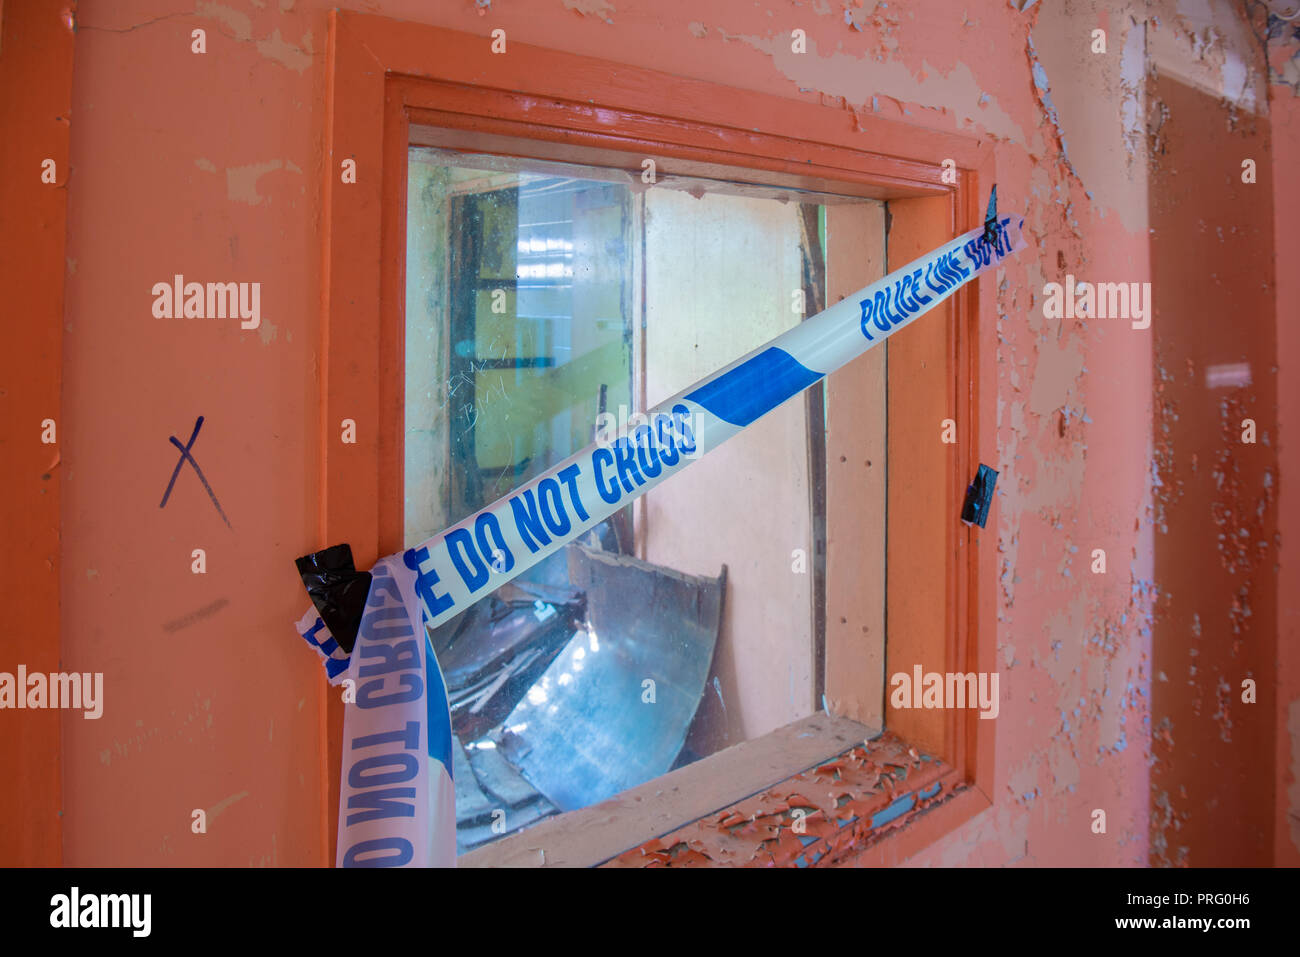 Cordon de police à travers une fenêtre de bande Photo Stock